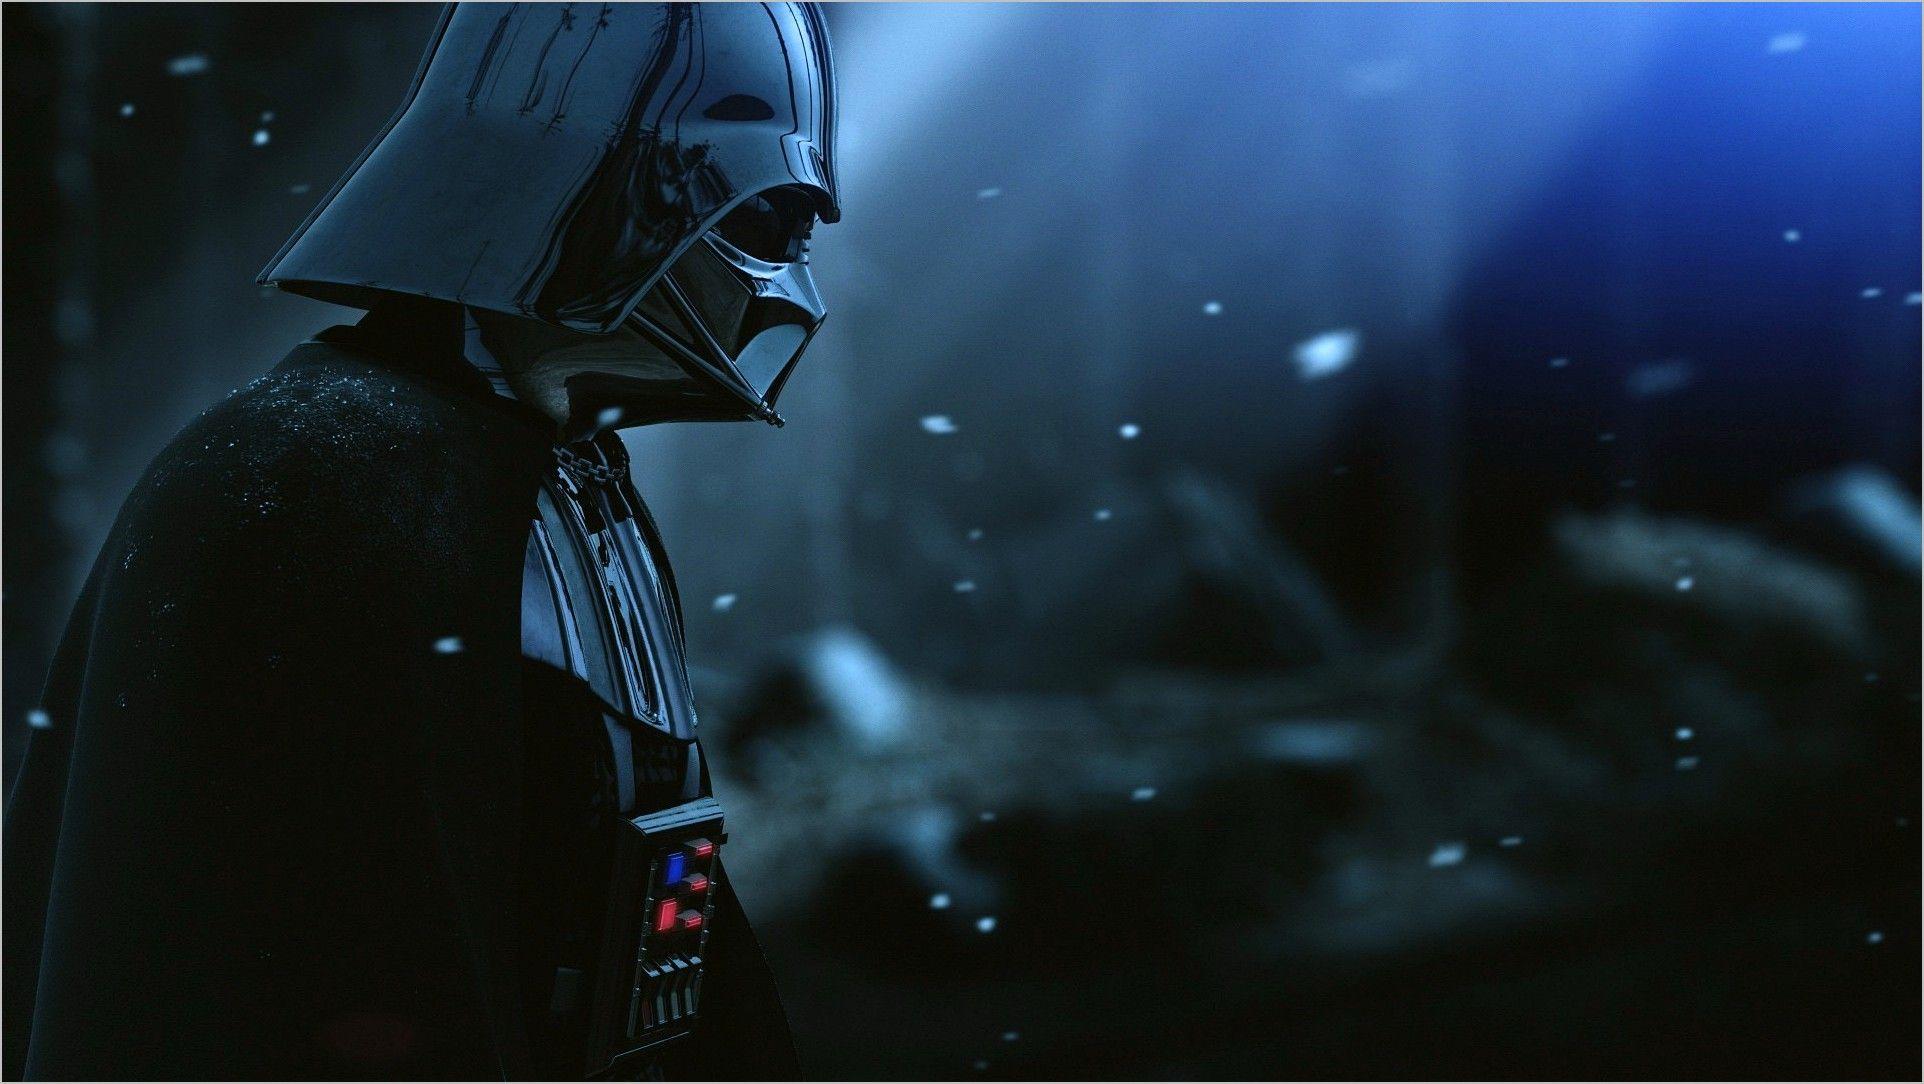 Darth Vader Wallpaper 4k For Android in 2020   Darth vader ...